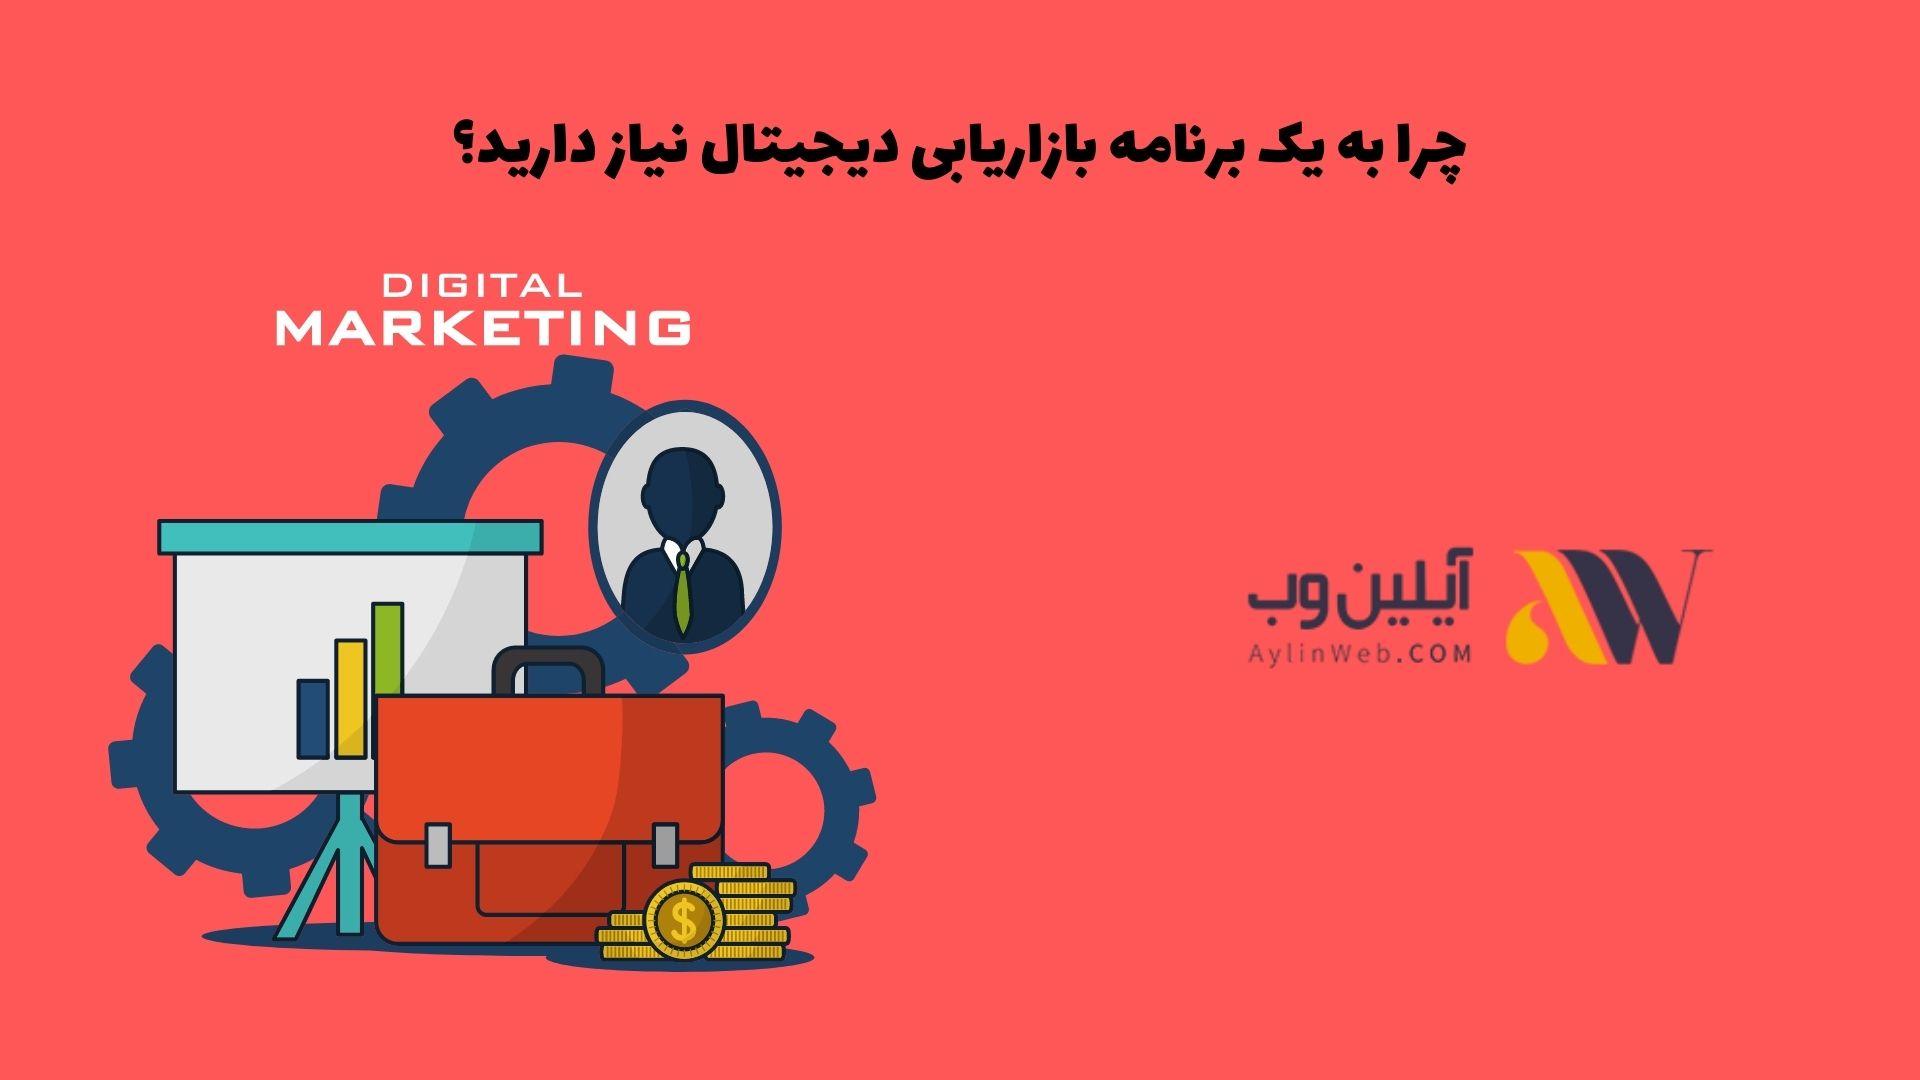 چرا به یک برنامه بازاریابی دیجیتال نیاز دارید؟